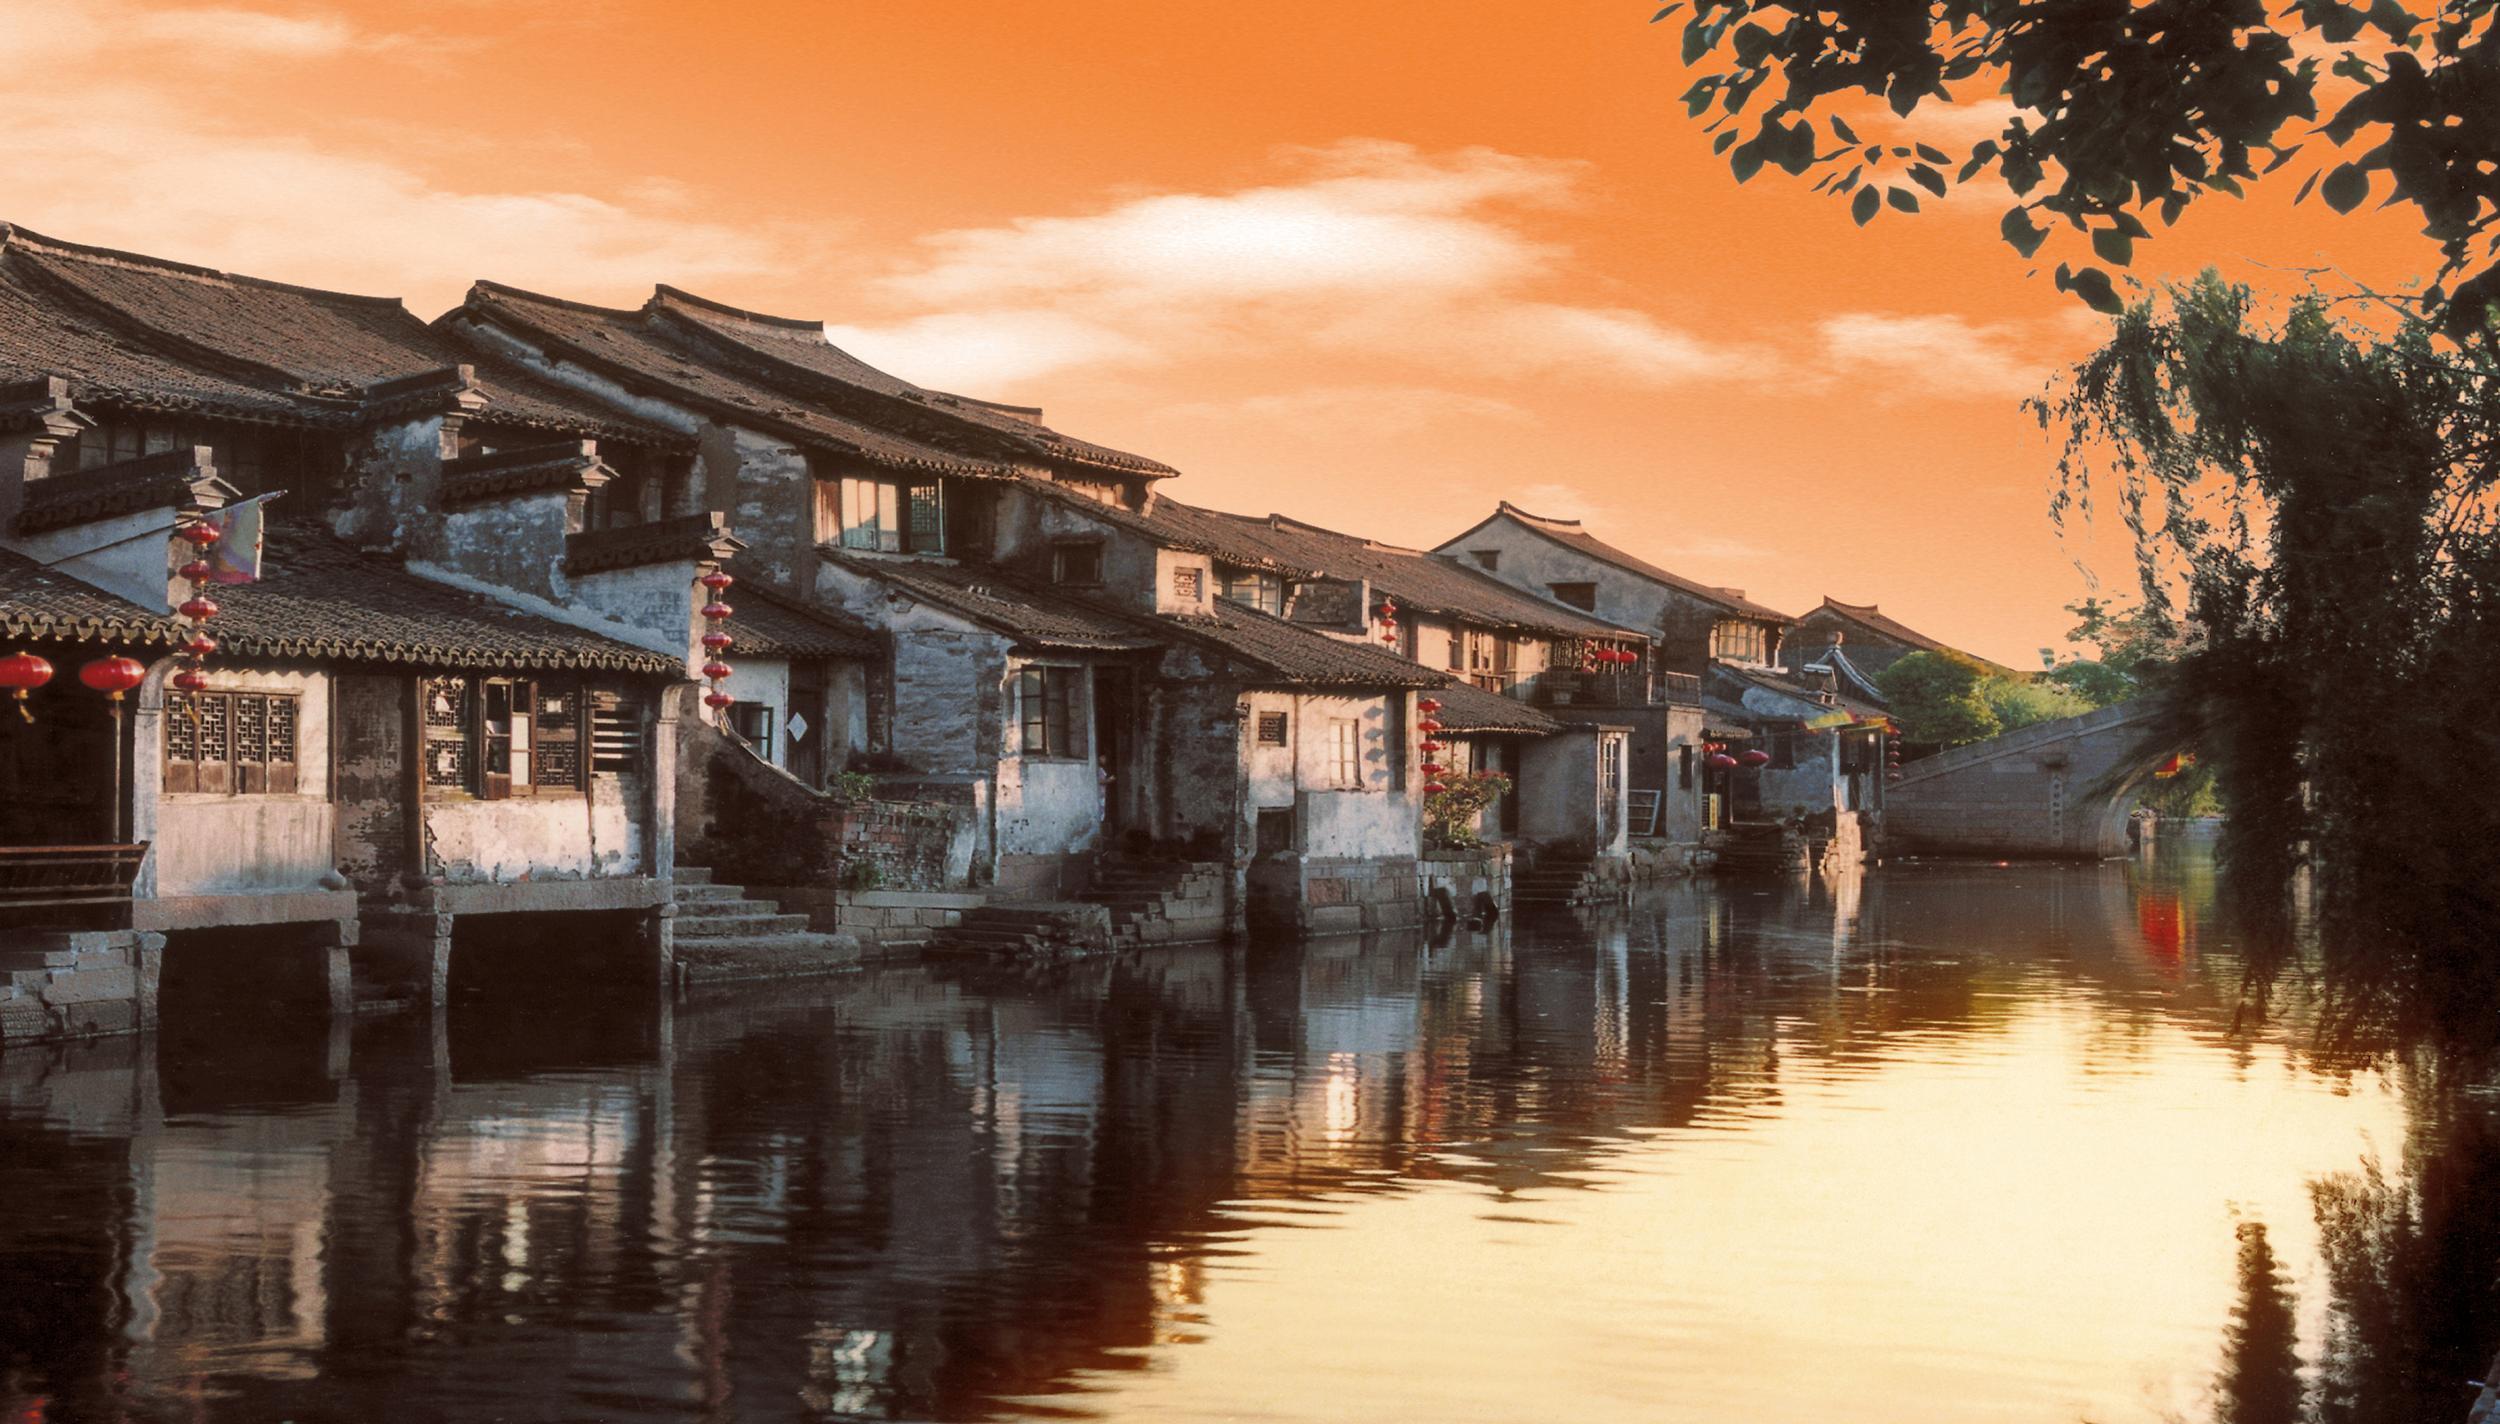 西塘古镇图片大全夜景